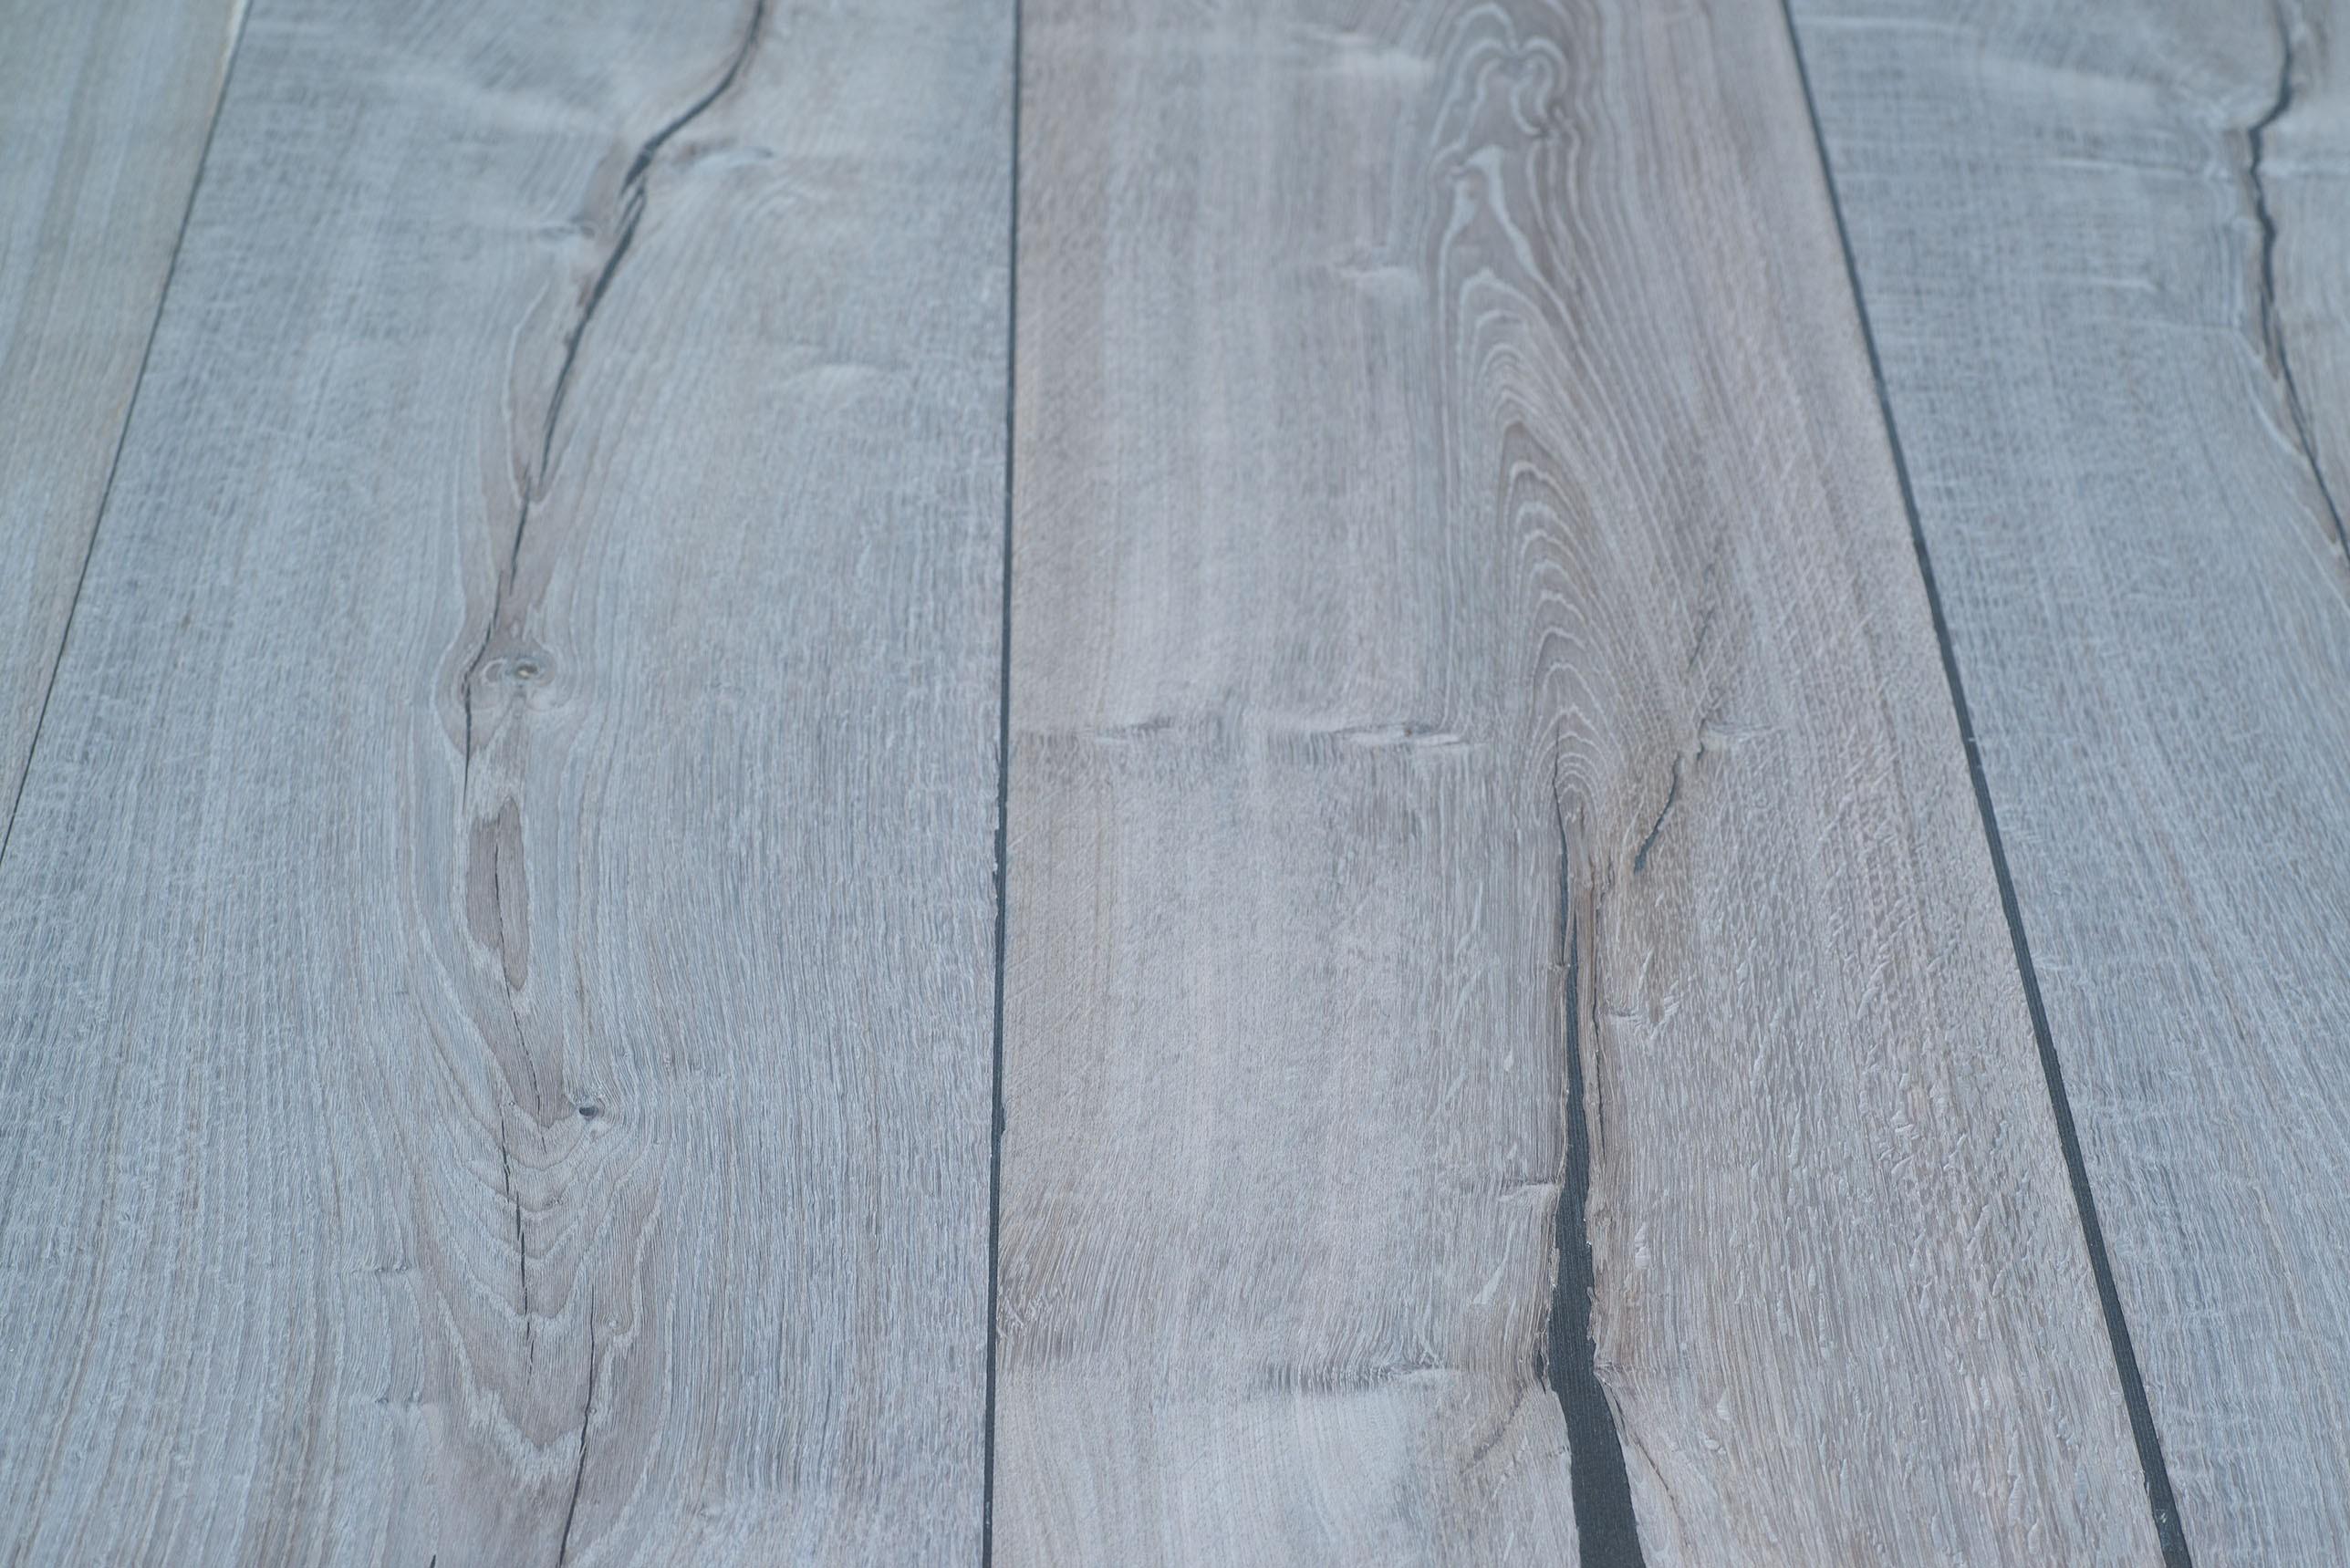 Eiken Balkenhout fineer 0,9 mm op  plaat  vergrijsd   20x1210x3040 mm